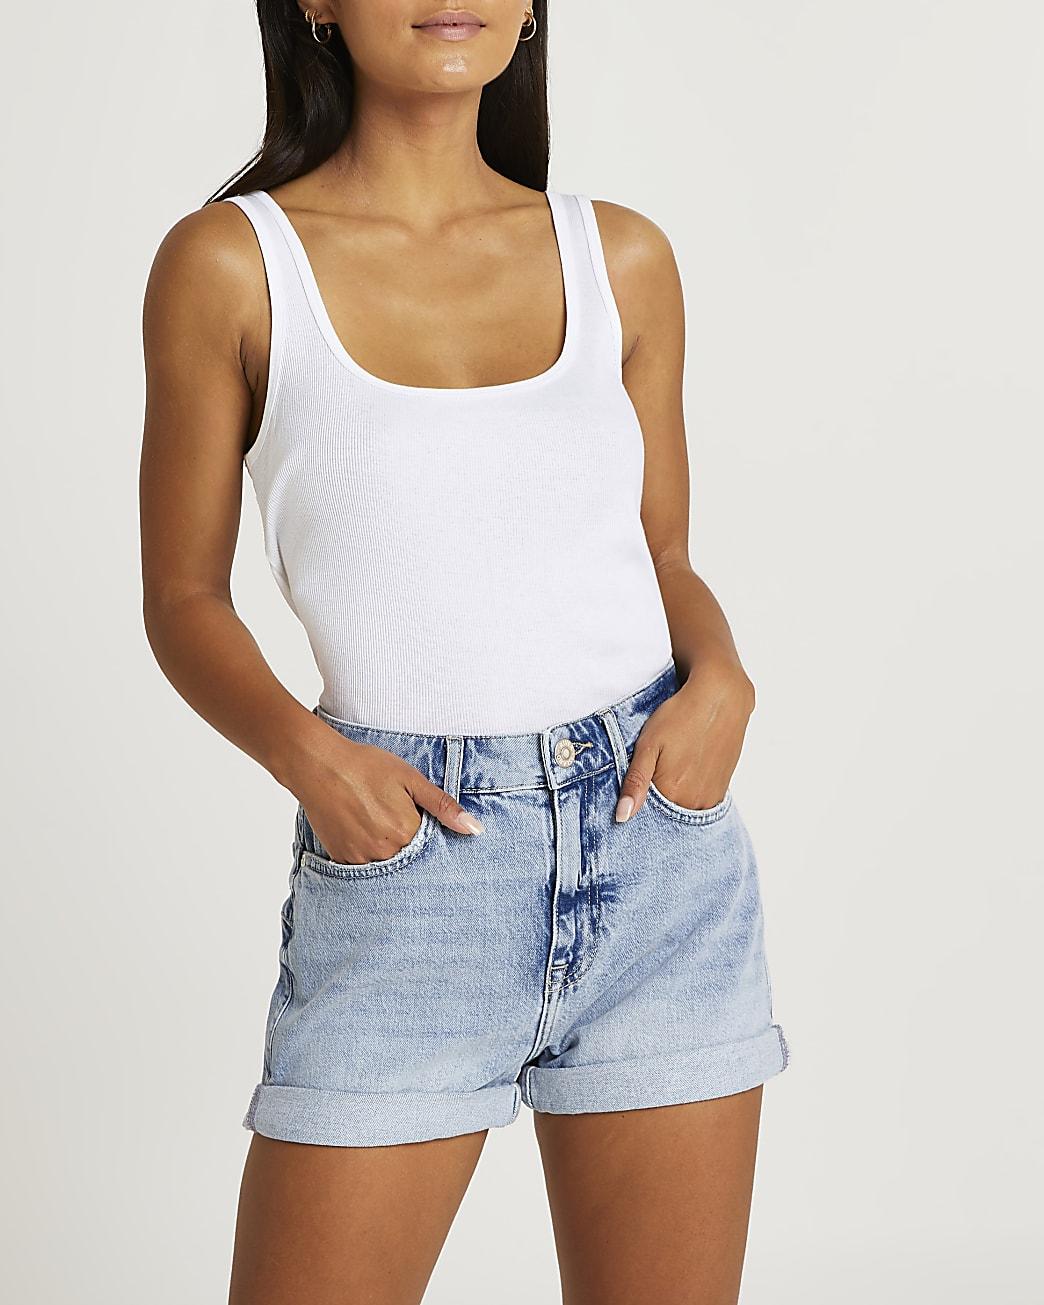 Blue turn up denim shorts